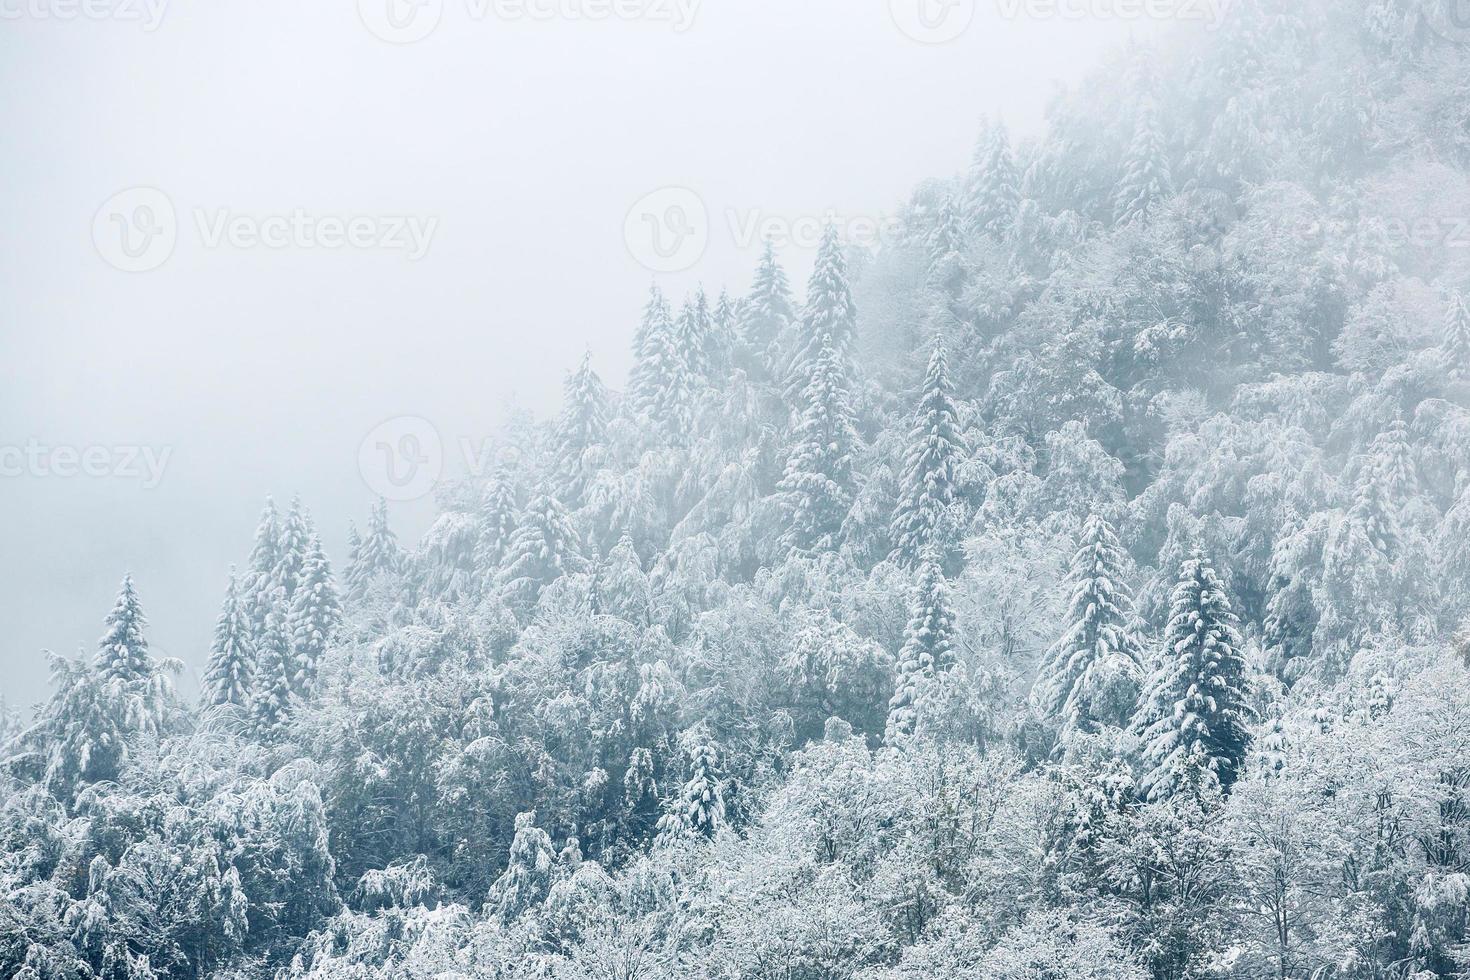 paisagem bonita do inverno com árvores cobertas de neve foto